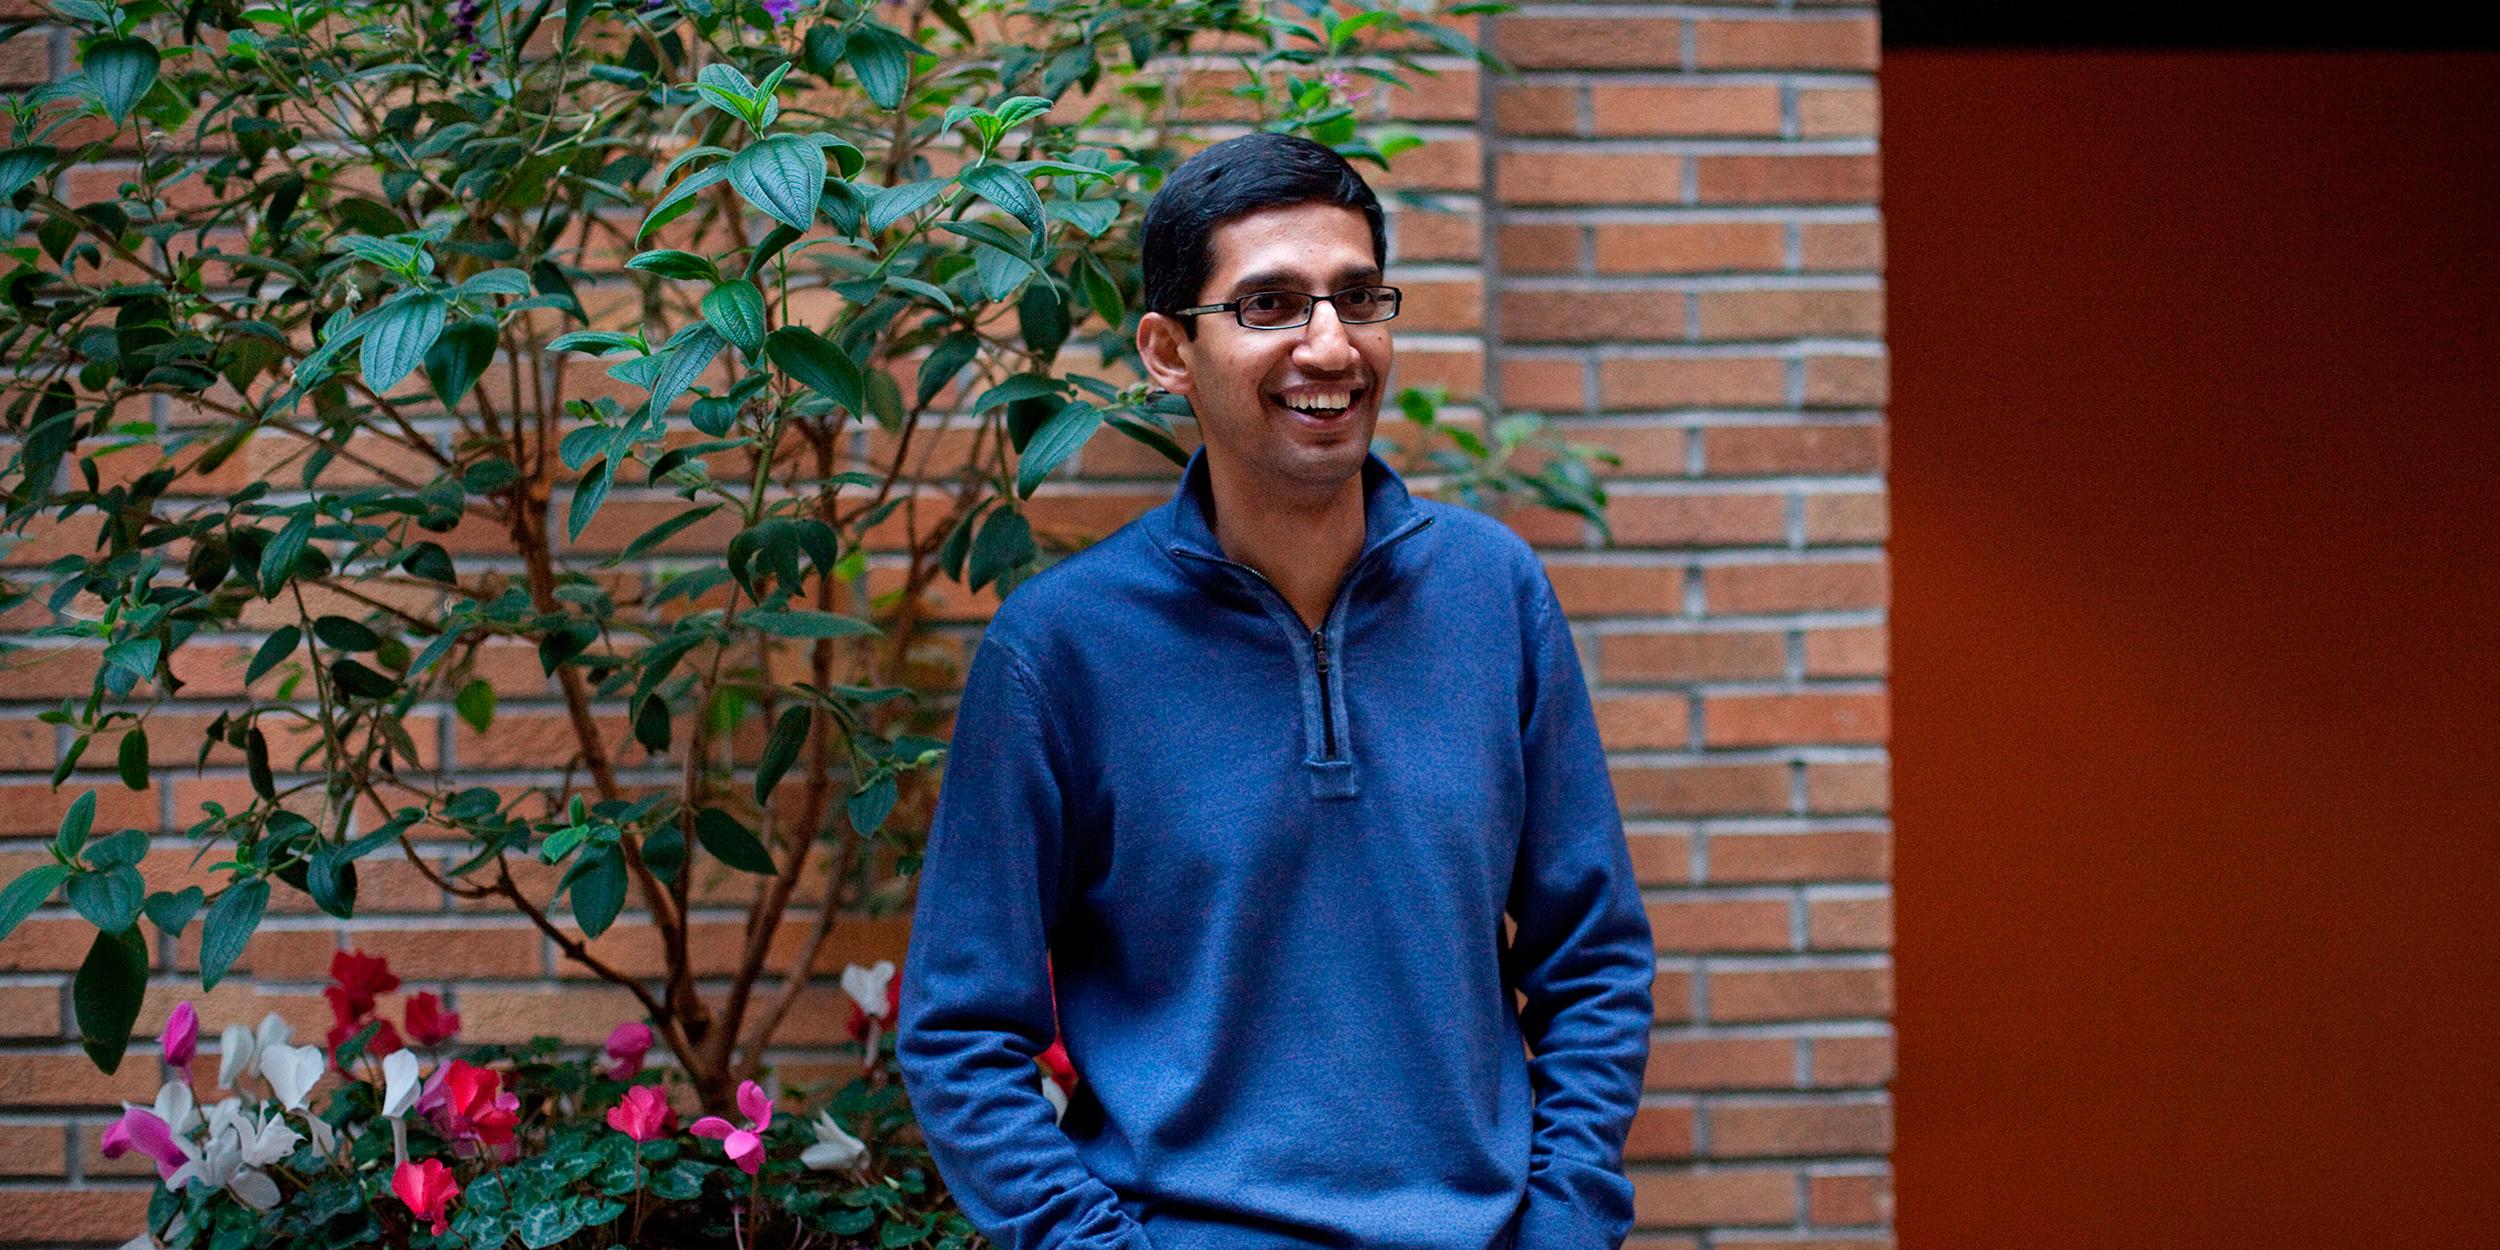 Все, что нужно знать о Сундаре Пичаи — новом главе Google